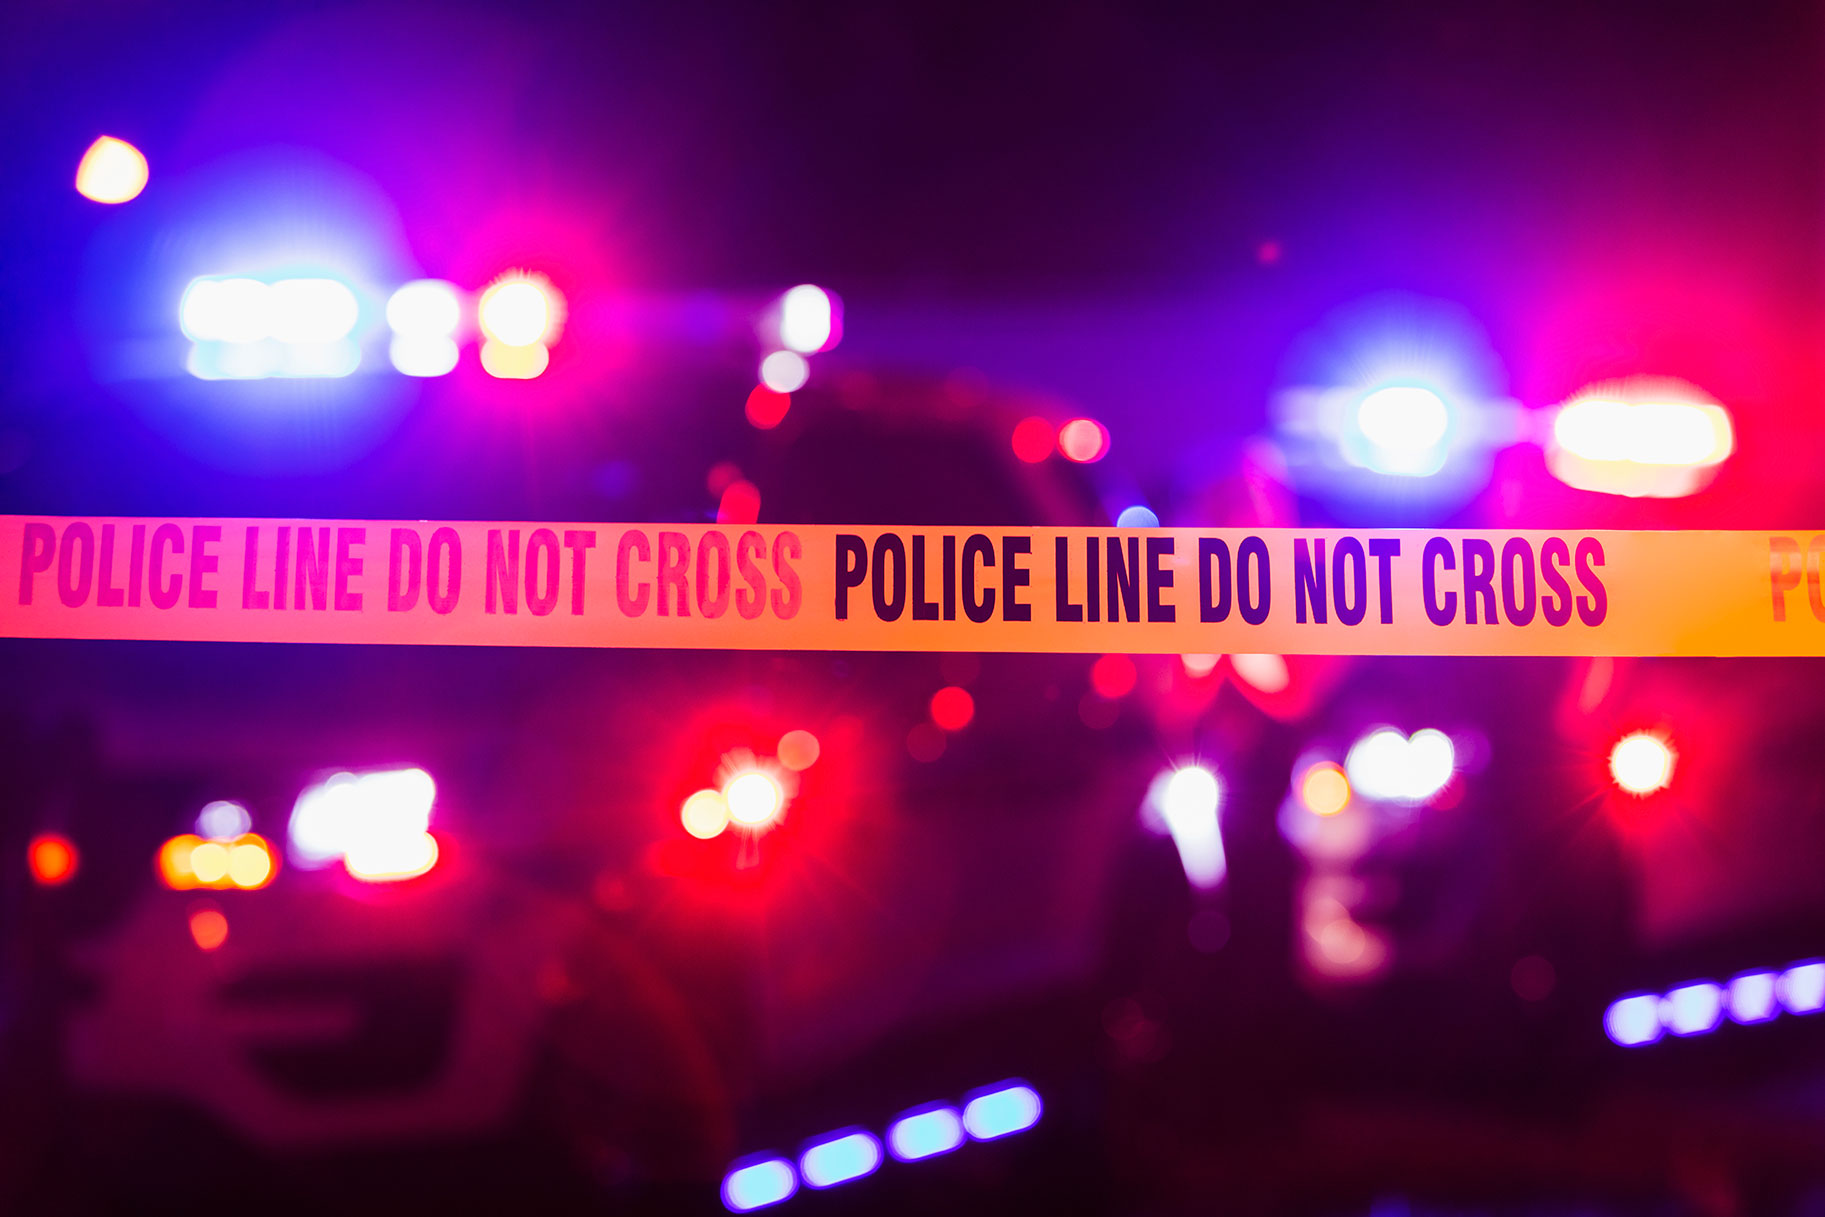 Familia de 4 personas encontrada muerta en el sótano de Pensilvania después de un aparente asesinato-suicidio